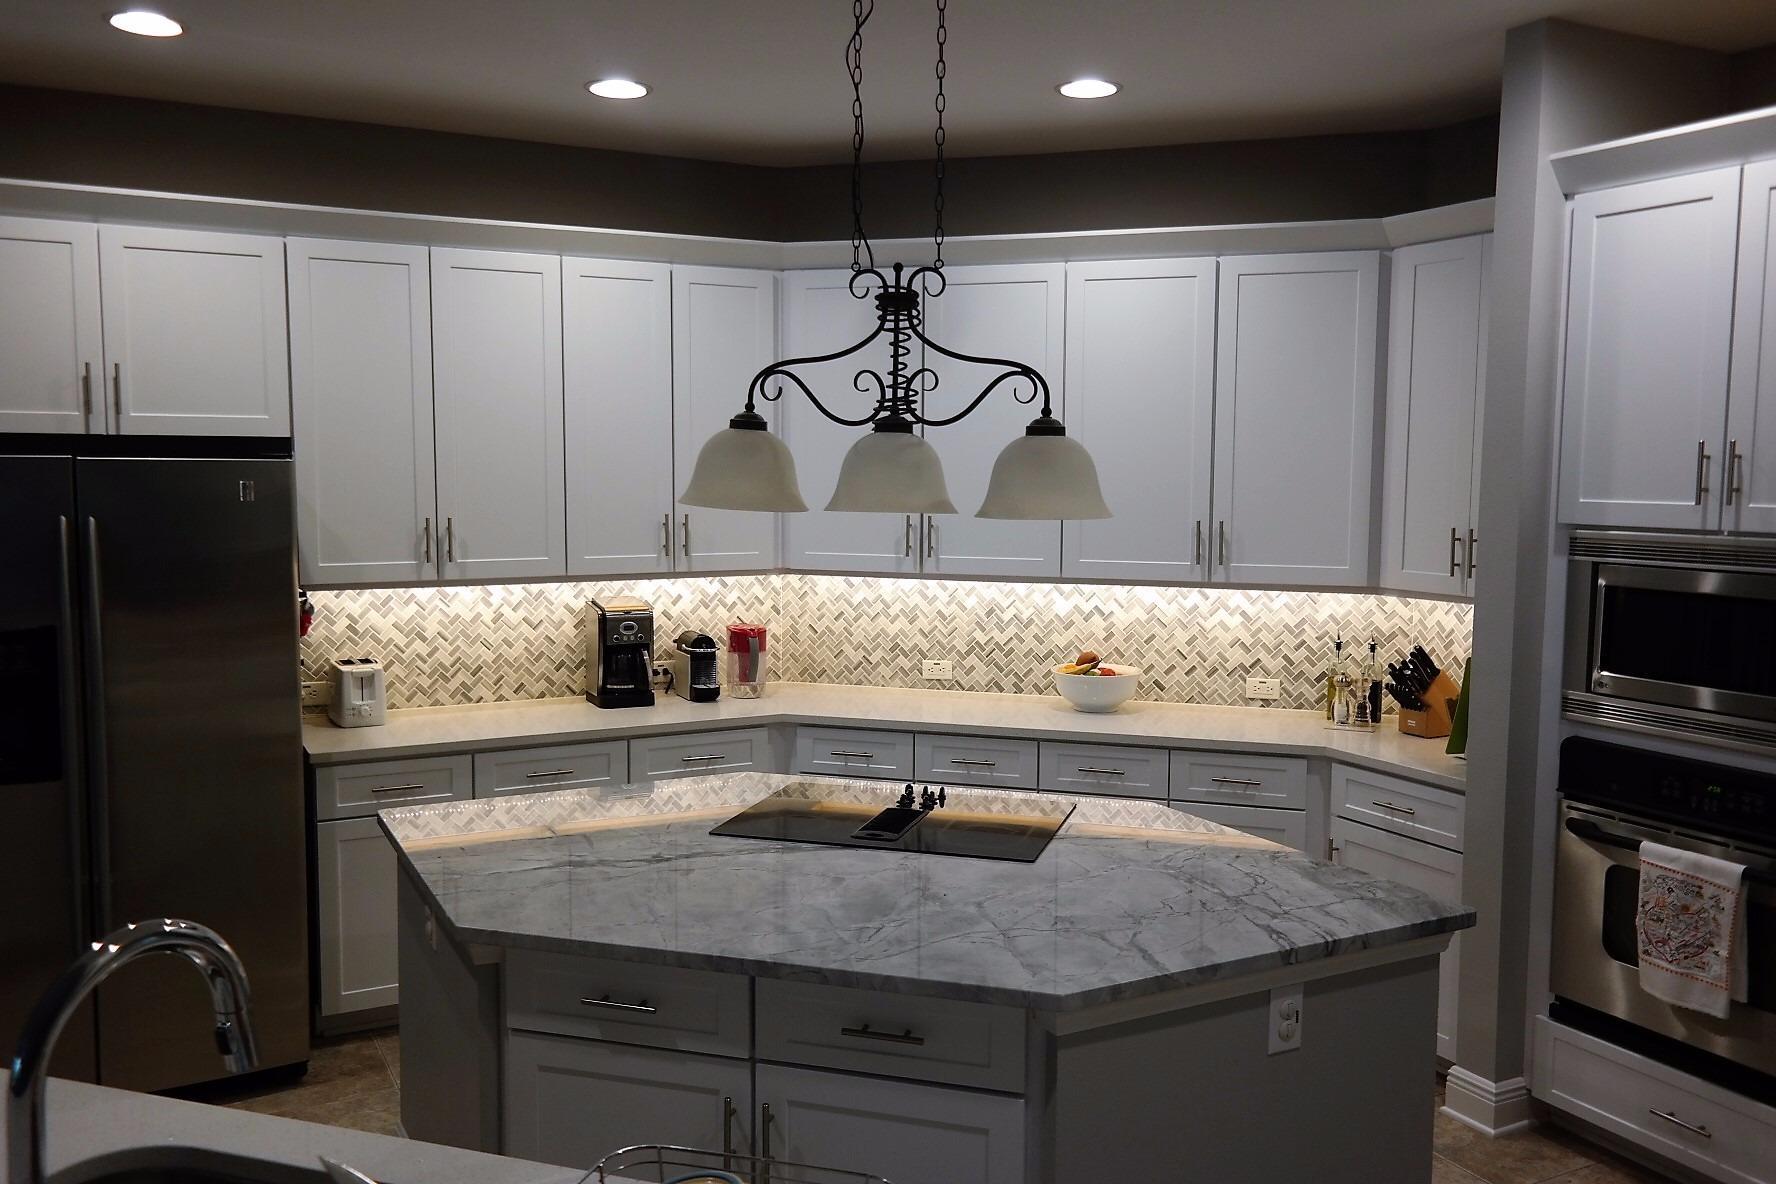 ReADoor Kitchen Cabinets Refacing West Carmen Street Tampa - Kitchen cabinet refacing tampa